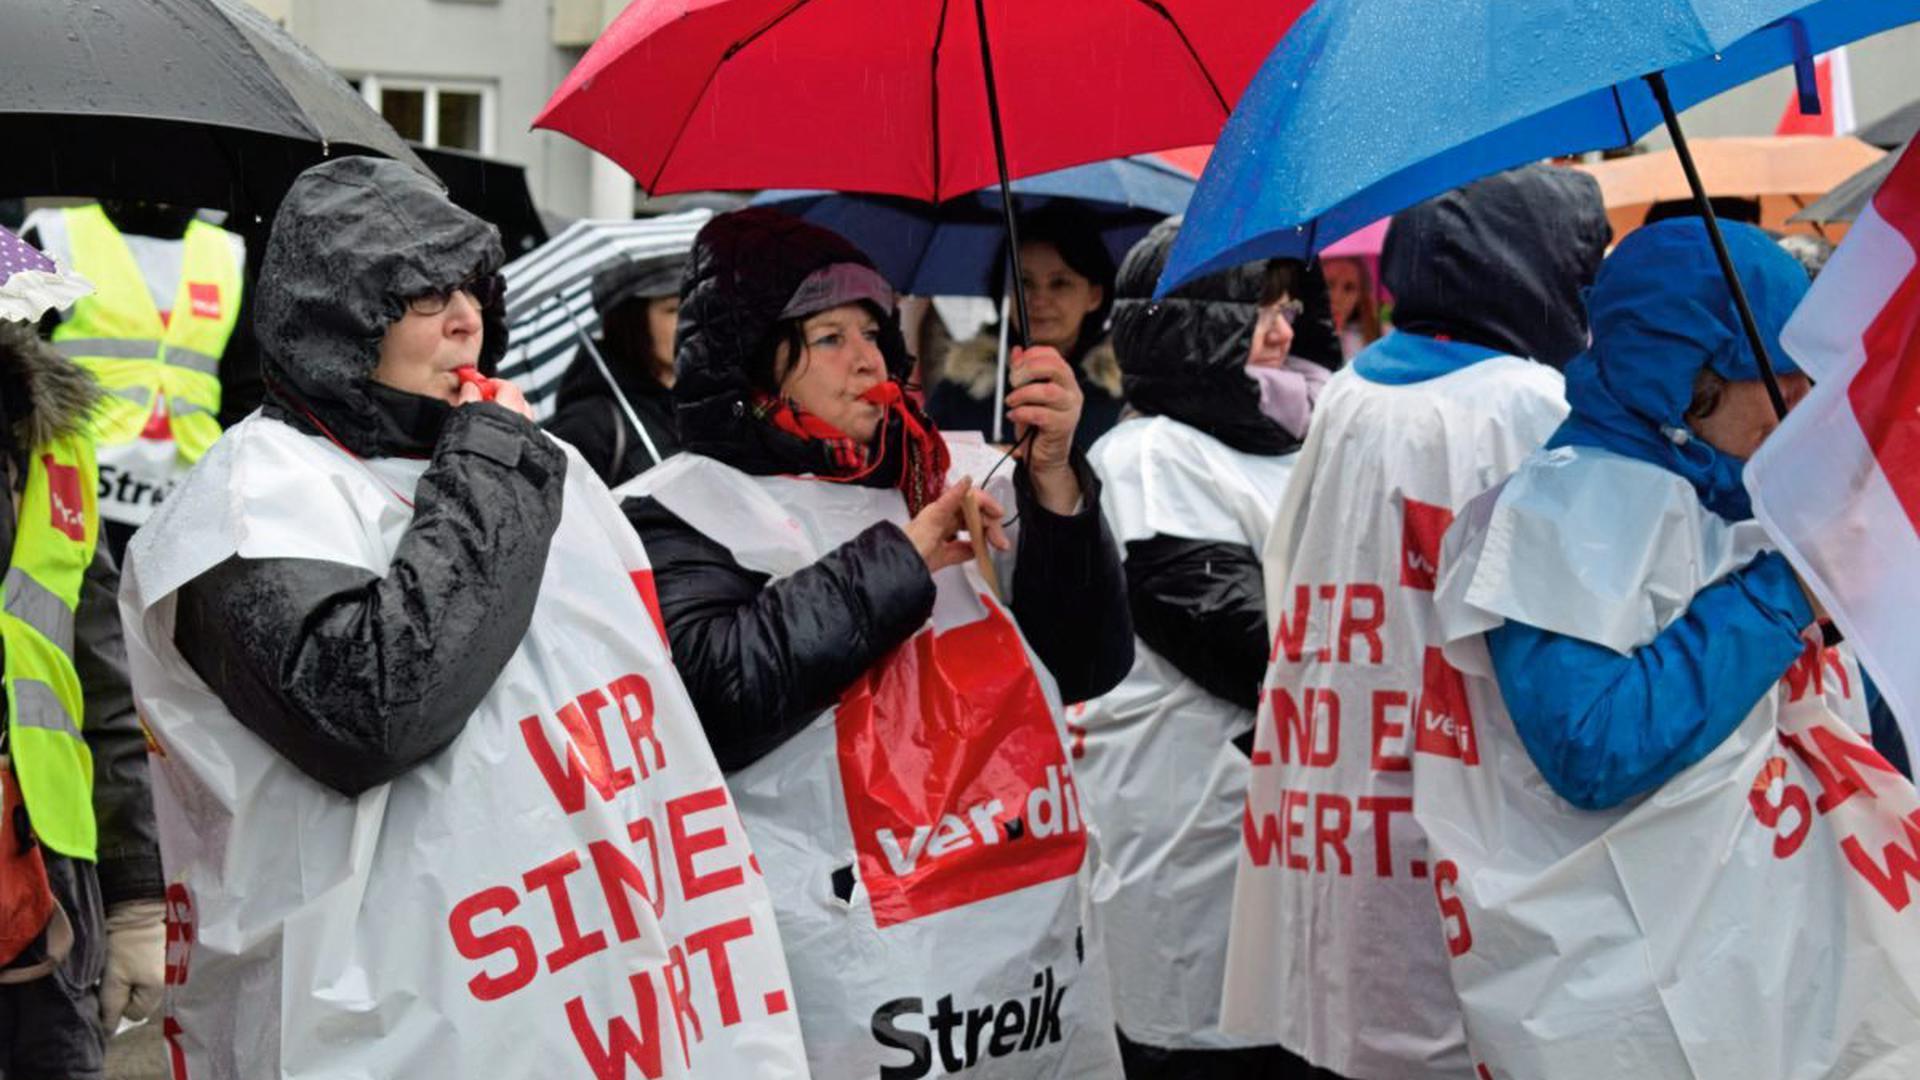 Mit Fahnen, Plakaten und Trillerpfeifen demonstrierten 180 Mitarbeiterinnen und Mitarbeiter der SRH Gesundheitszentren (ehemals Ruland-Kliniken) in Waldbronn für fairere Löhne.